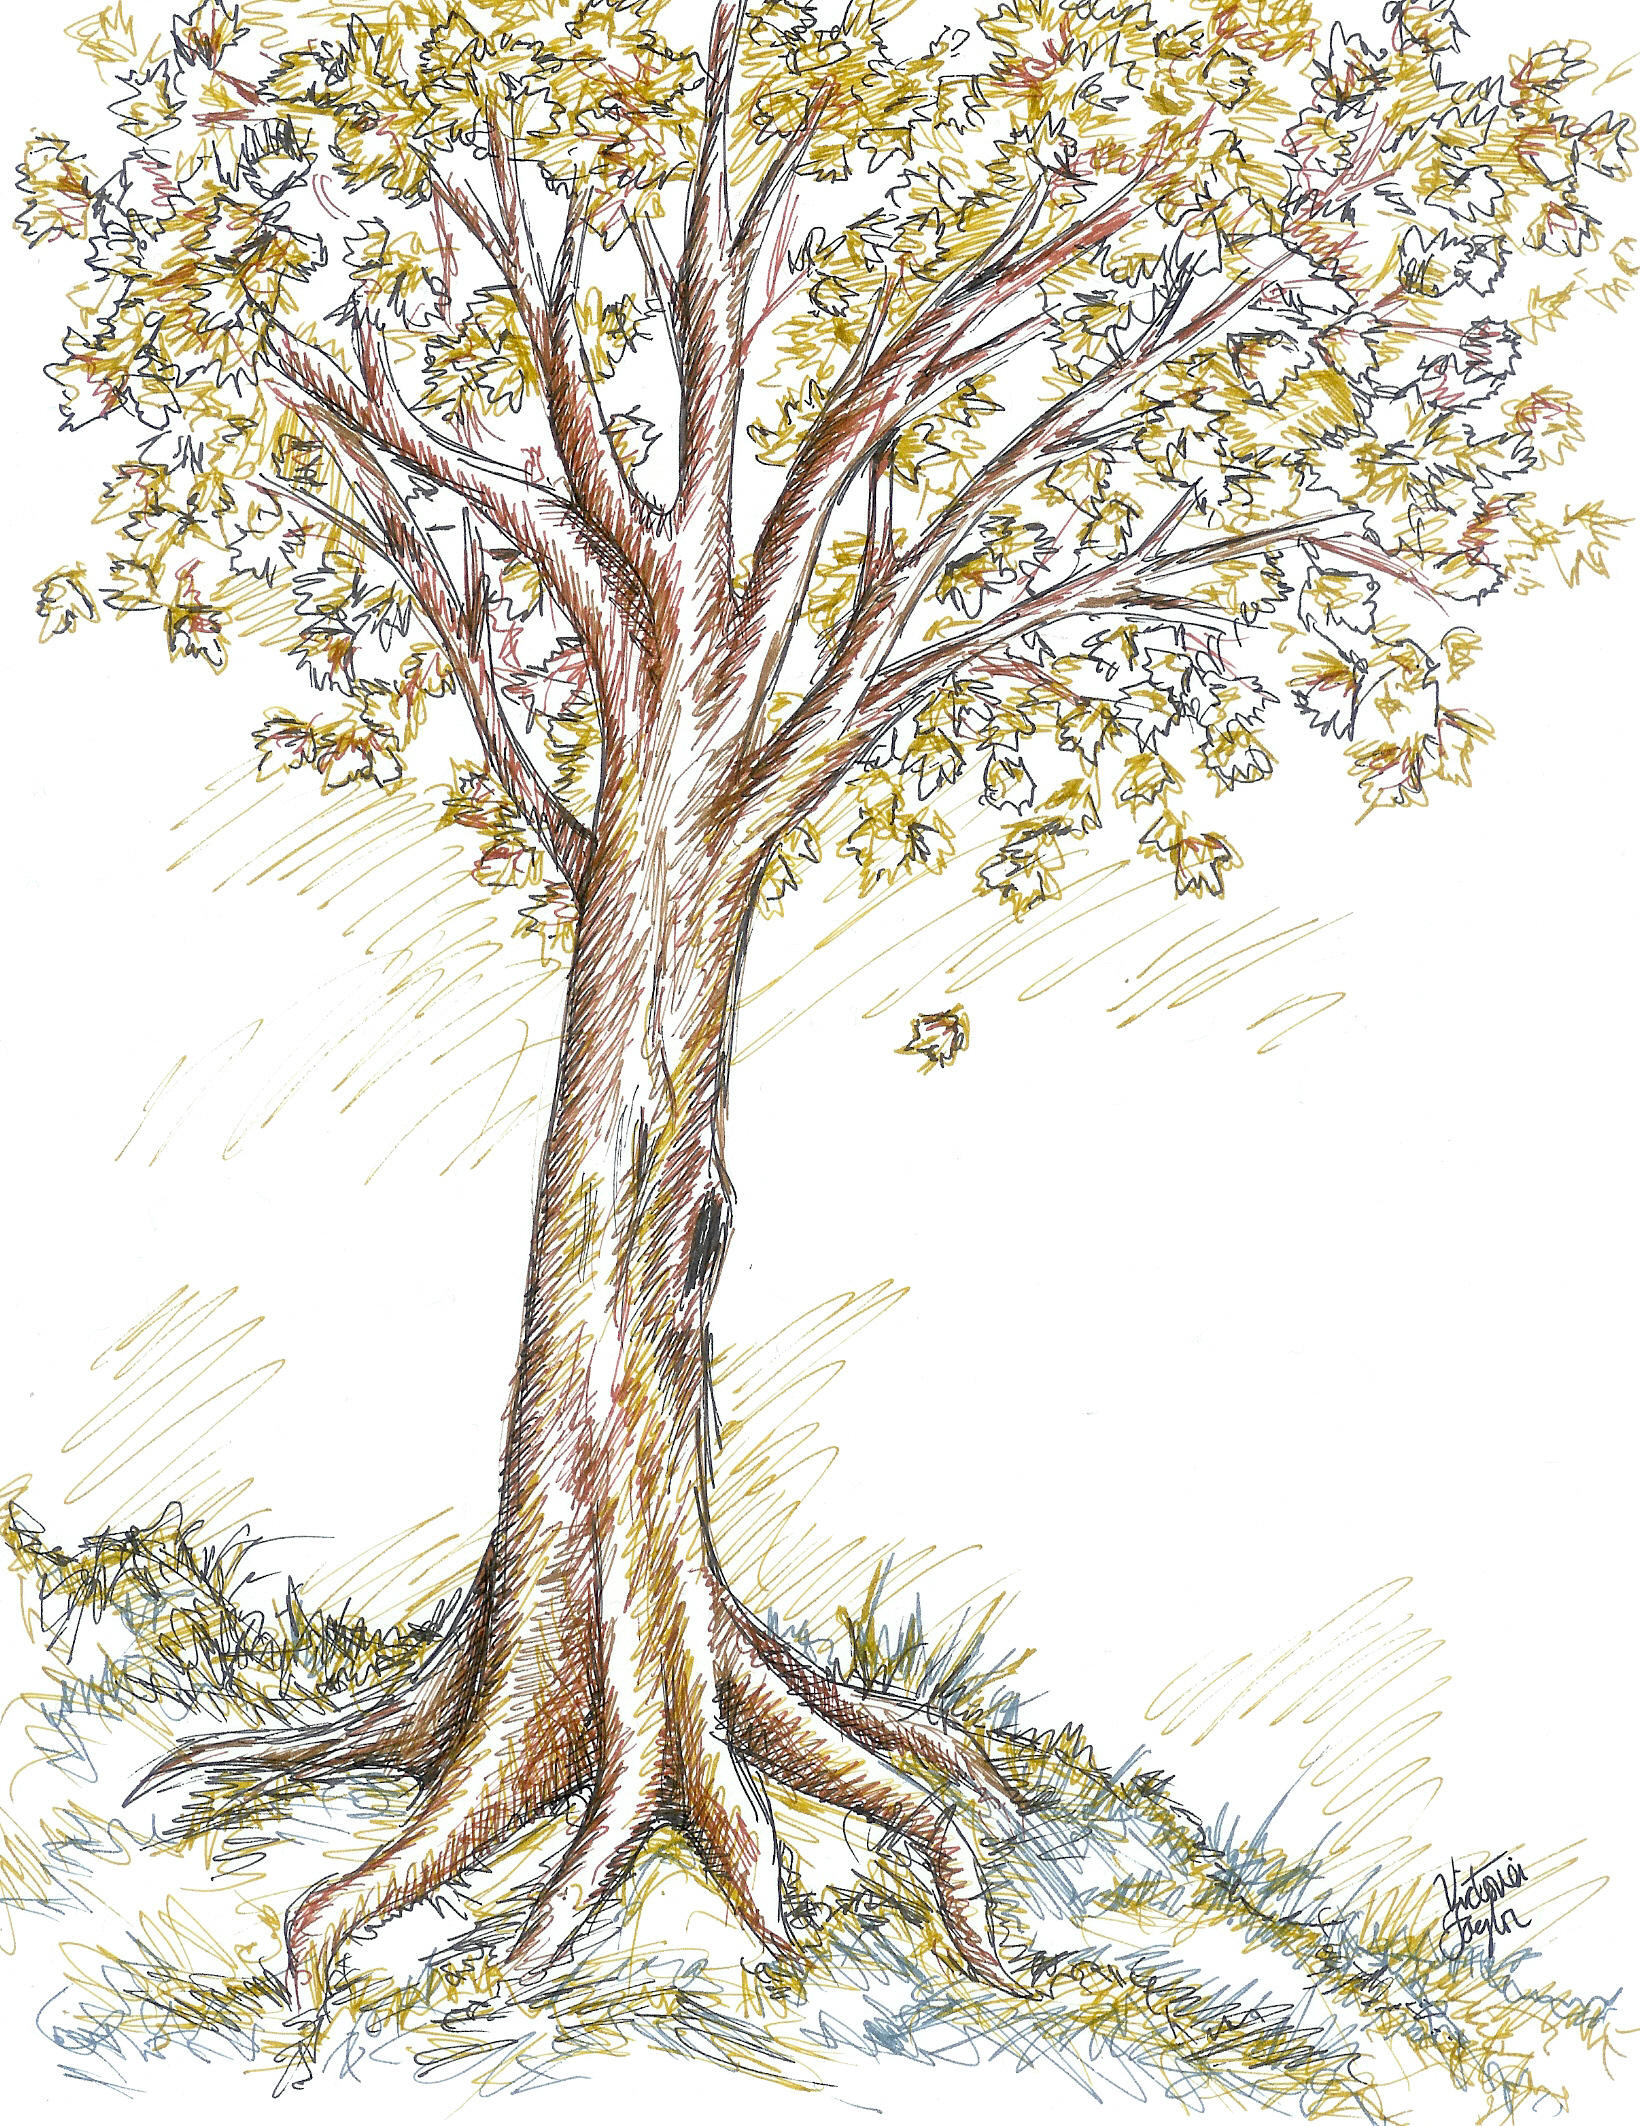 Drawing Of Fall Trees Drawing Of Fall Trees - Free Printable ... for Fall Tree Drawing  67qdu